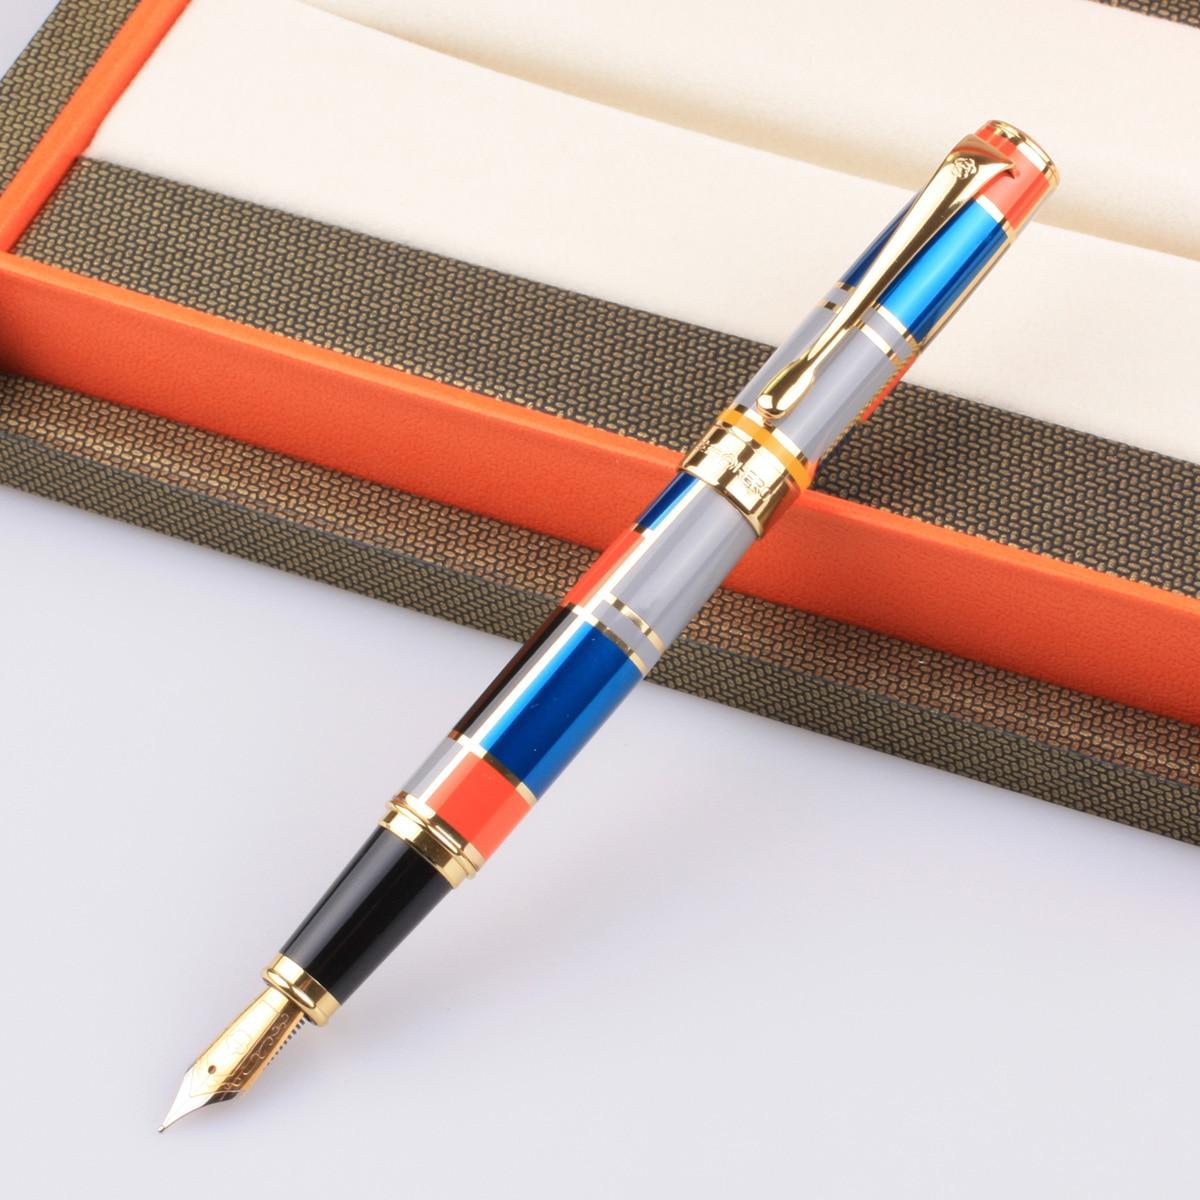 Héroe héroe genuino 767 Color Iridium pluma fuente héroe de héroe pluma de tinta de bolígrafo de regalo